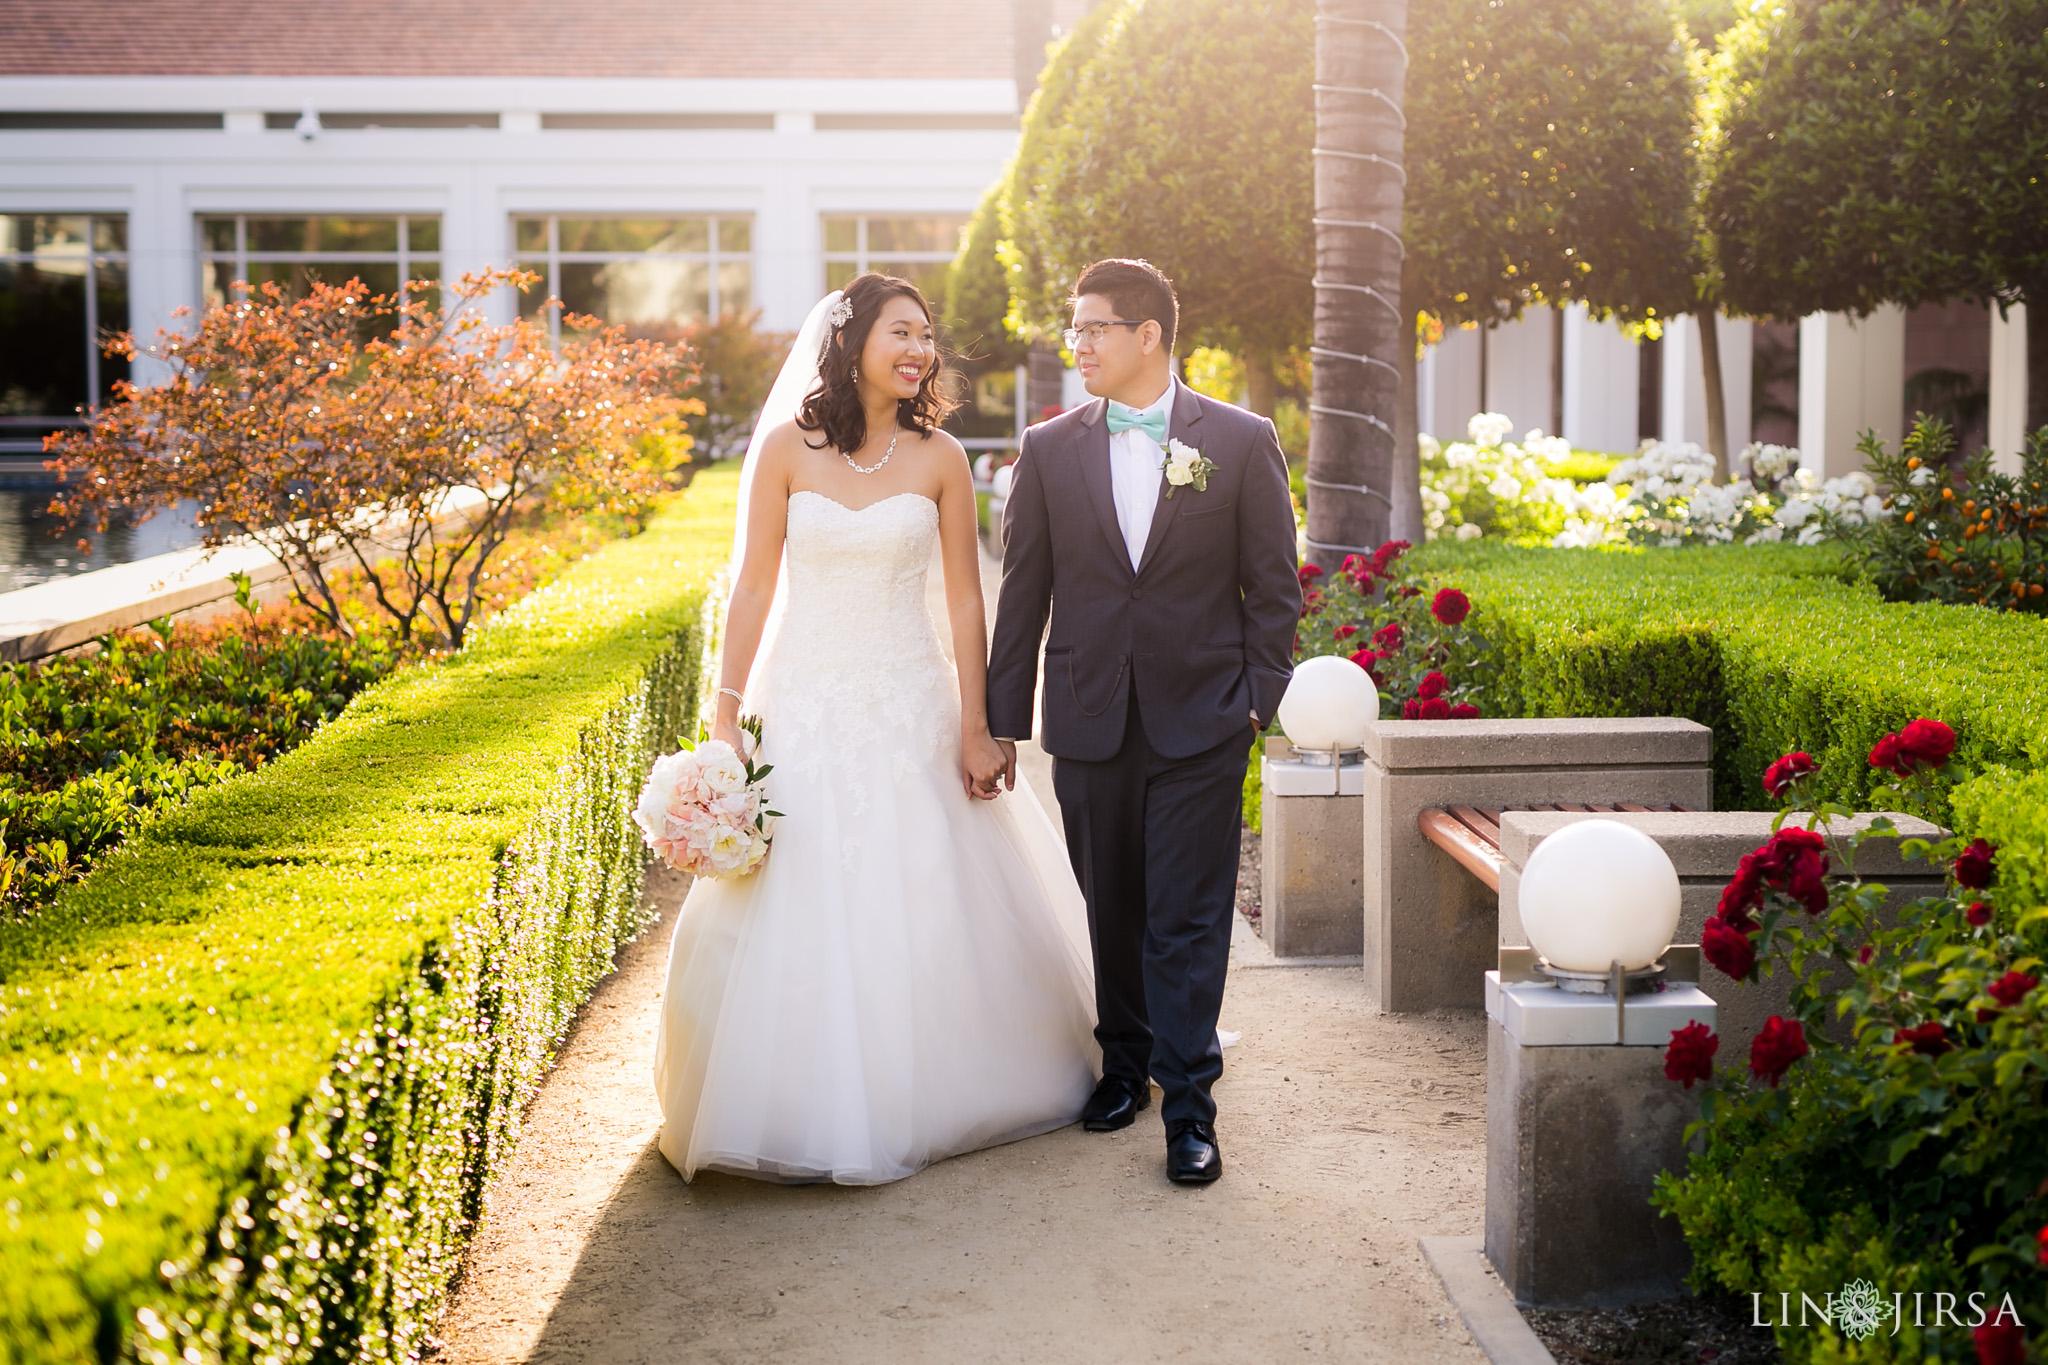 23-richard-nixon-libary-wedding-photography